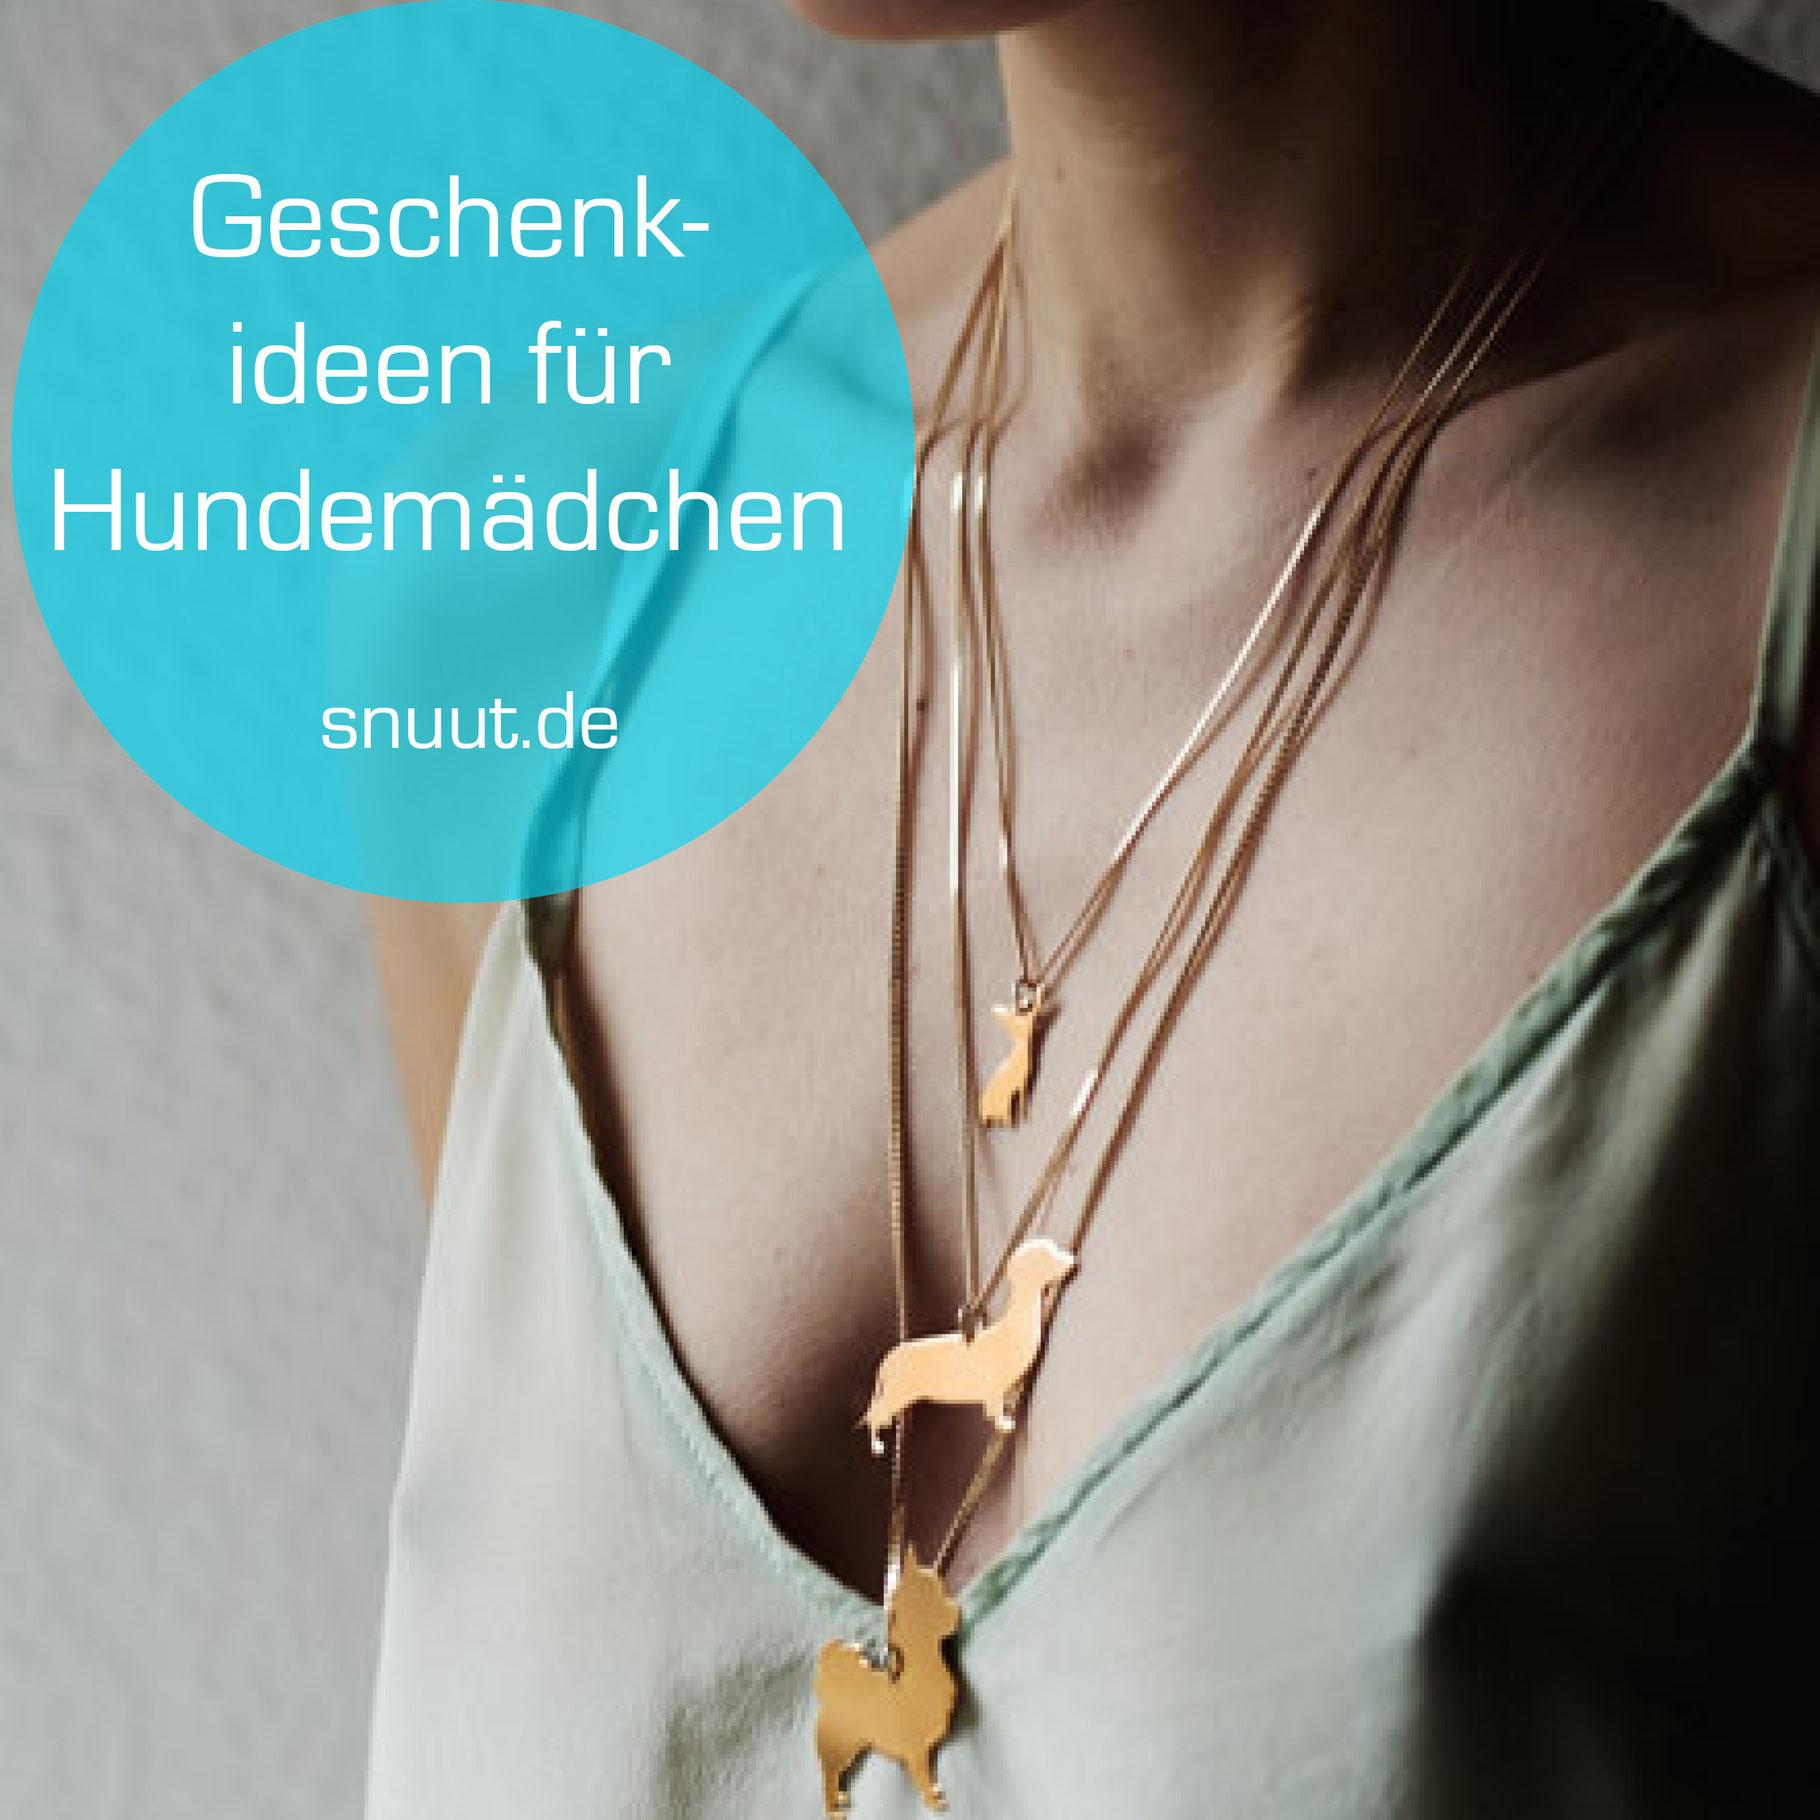 geschenkideen-fuer-hund-und-halter-accessoires-und-tolle-ideen-zum-verschenken